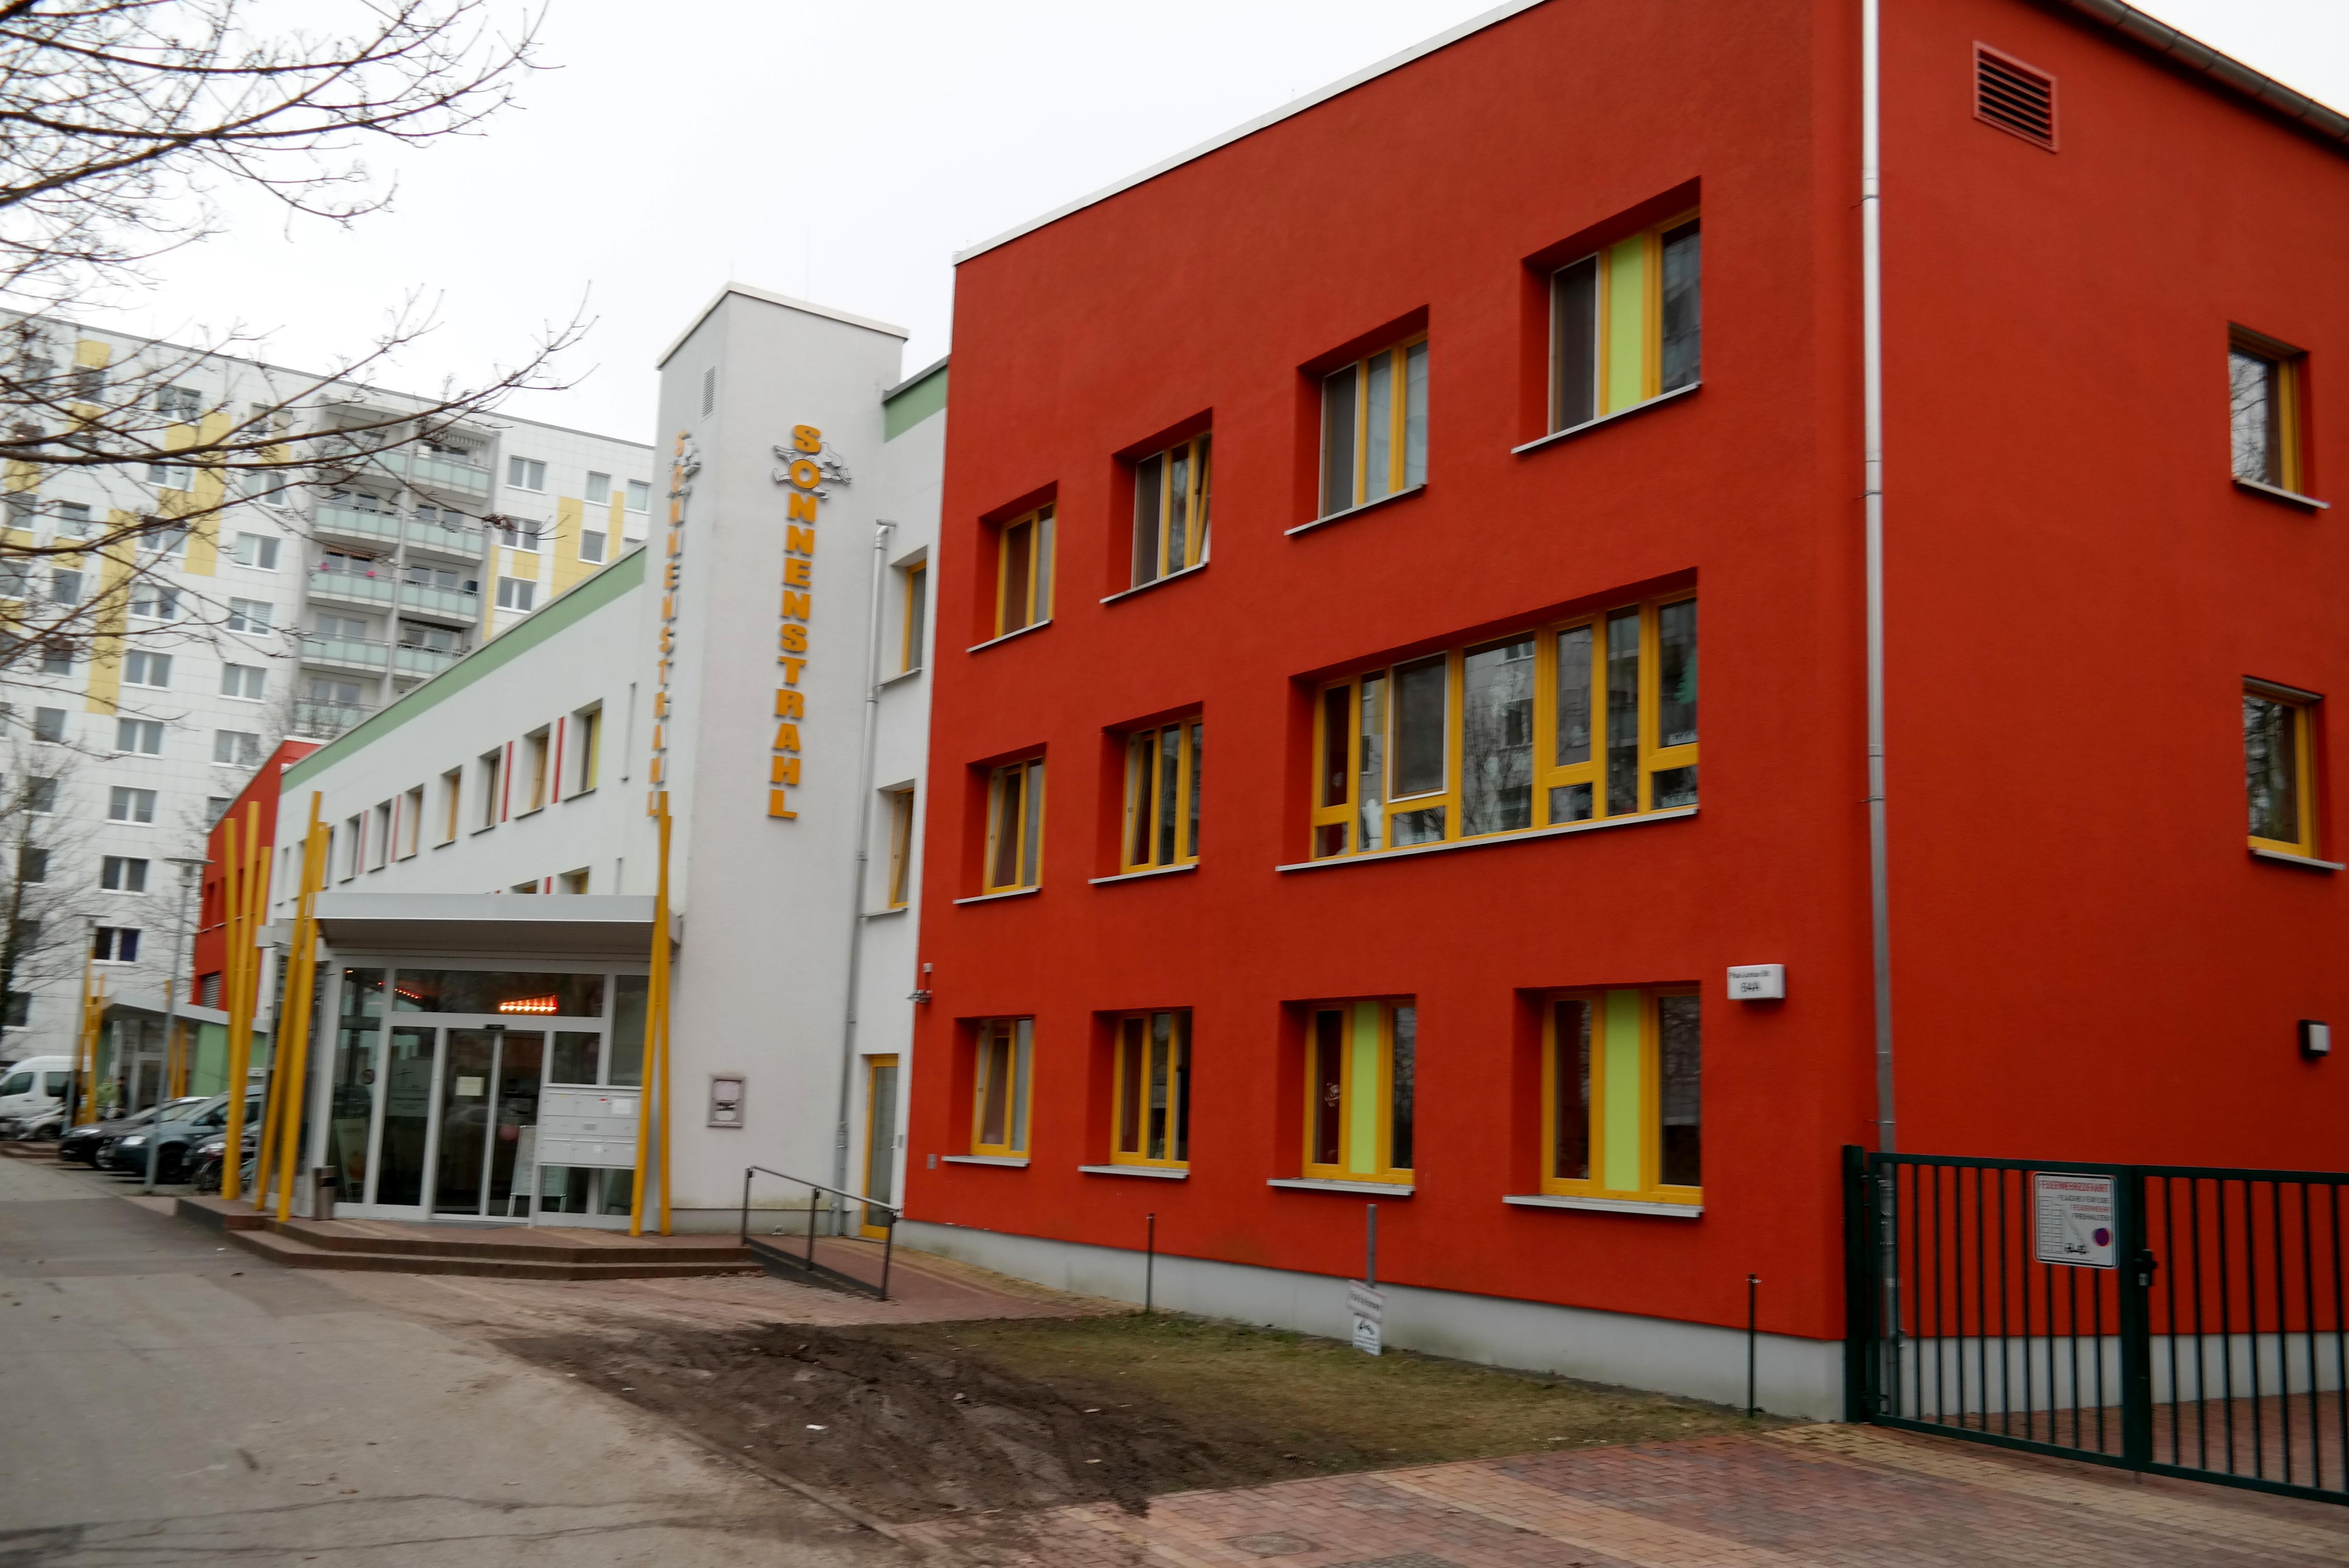 Eingang zum StadtteilzentrumEingang zum Haus der Generationen